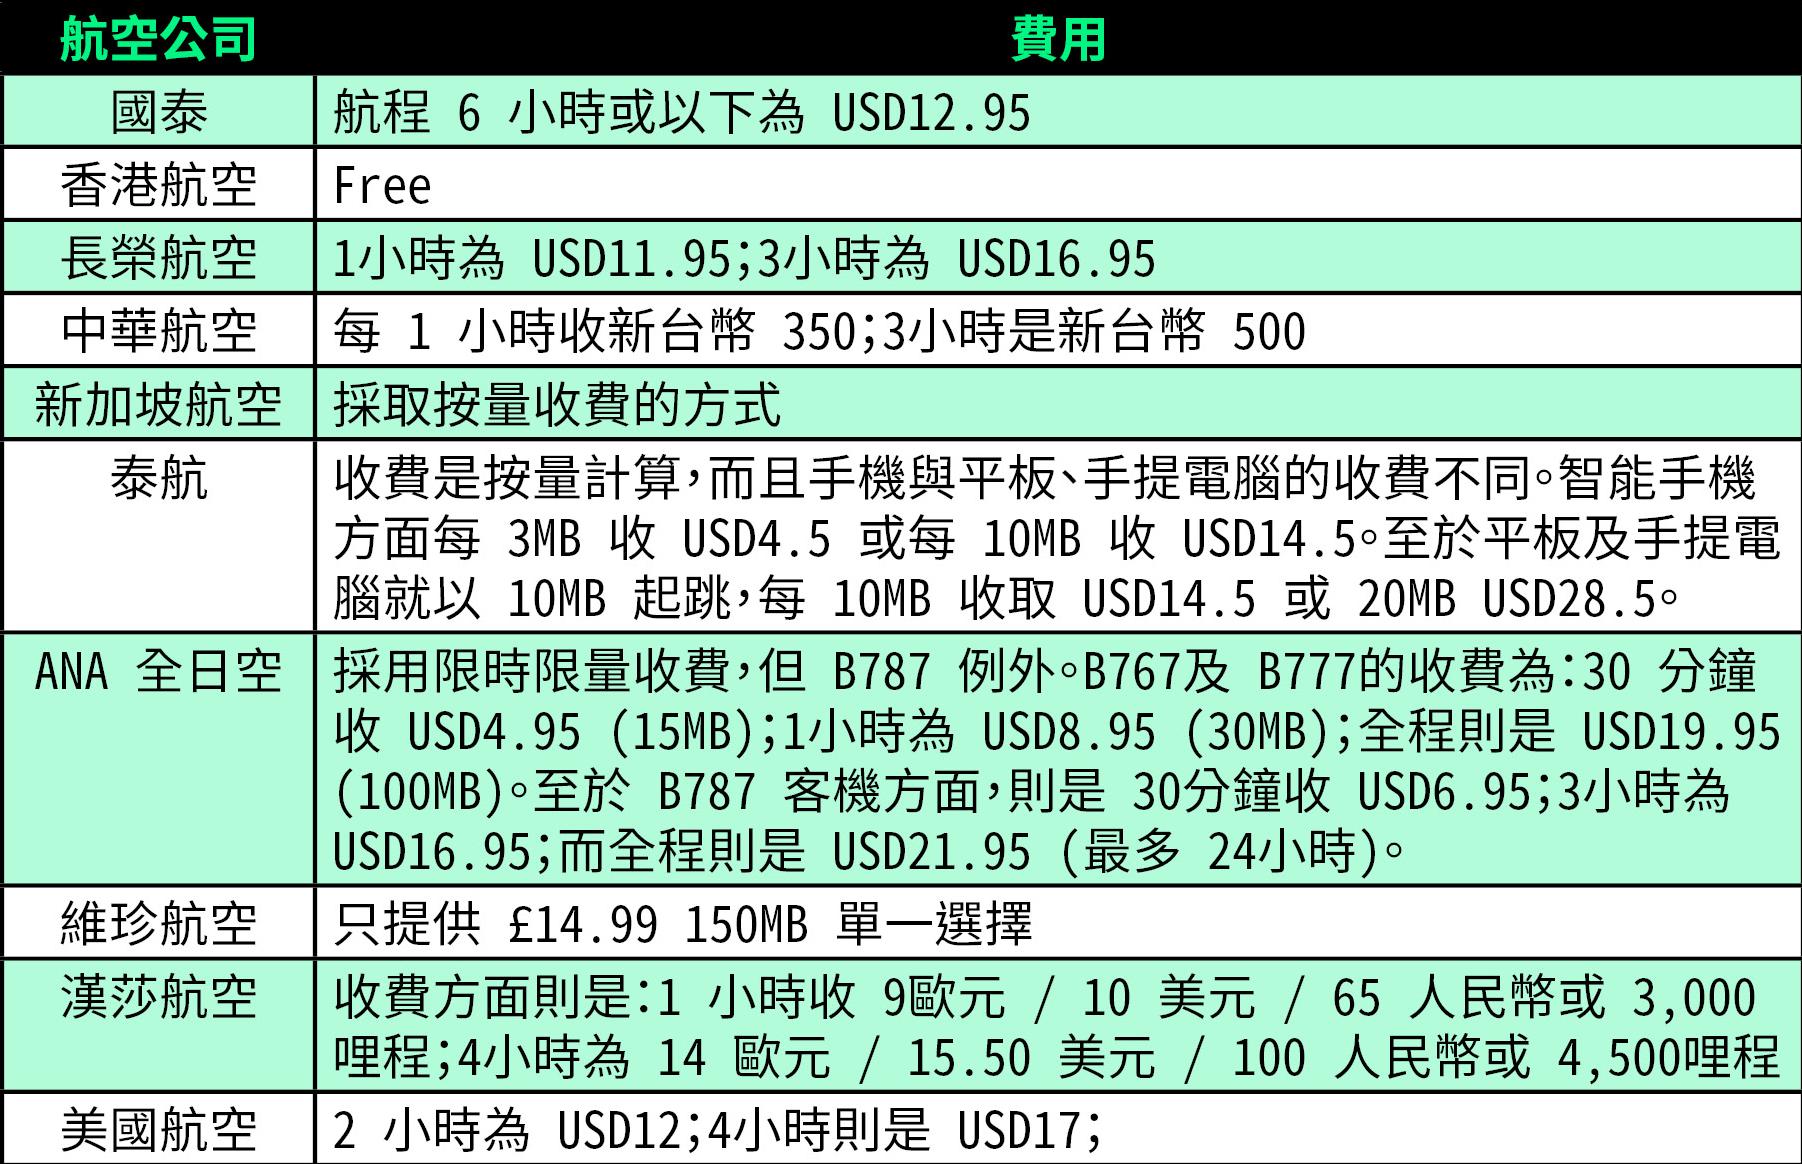 高空上照玩 Facebook 打卡 ! 10 大航空公司全新「飛機 WiFi」收費表